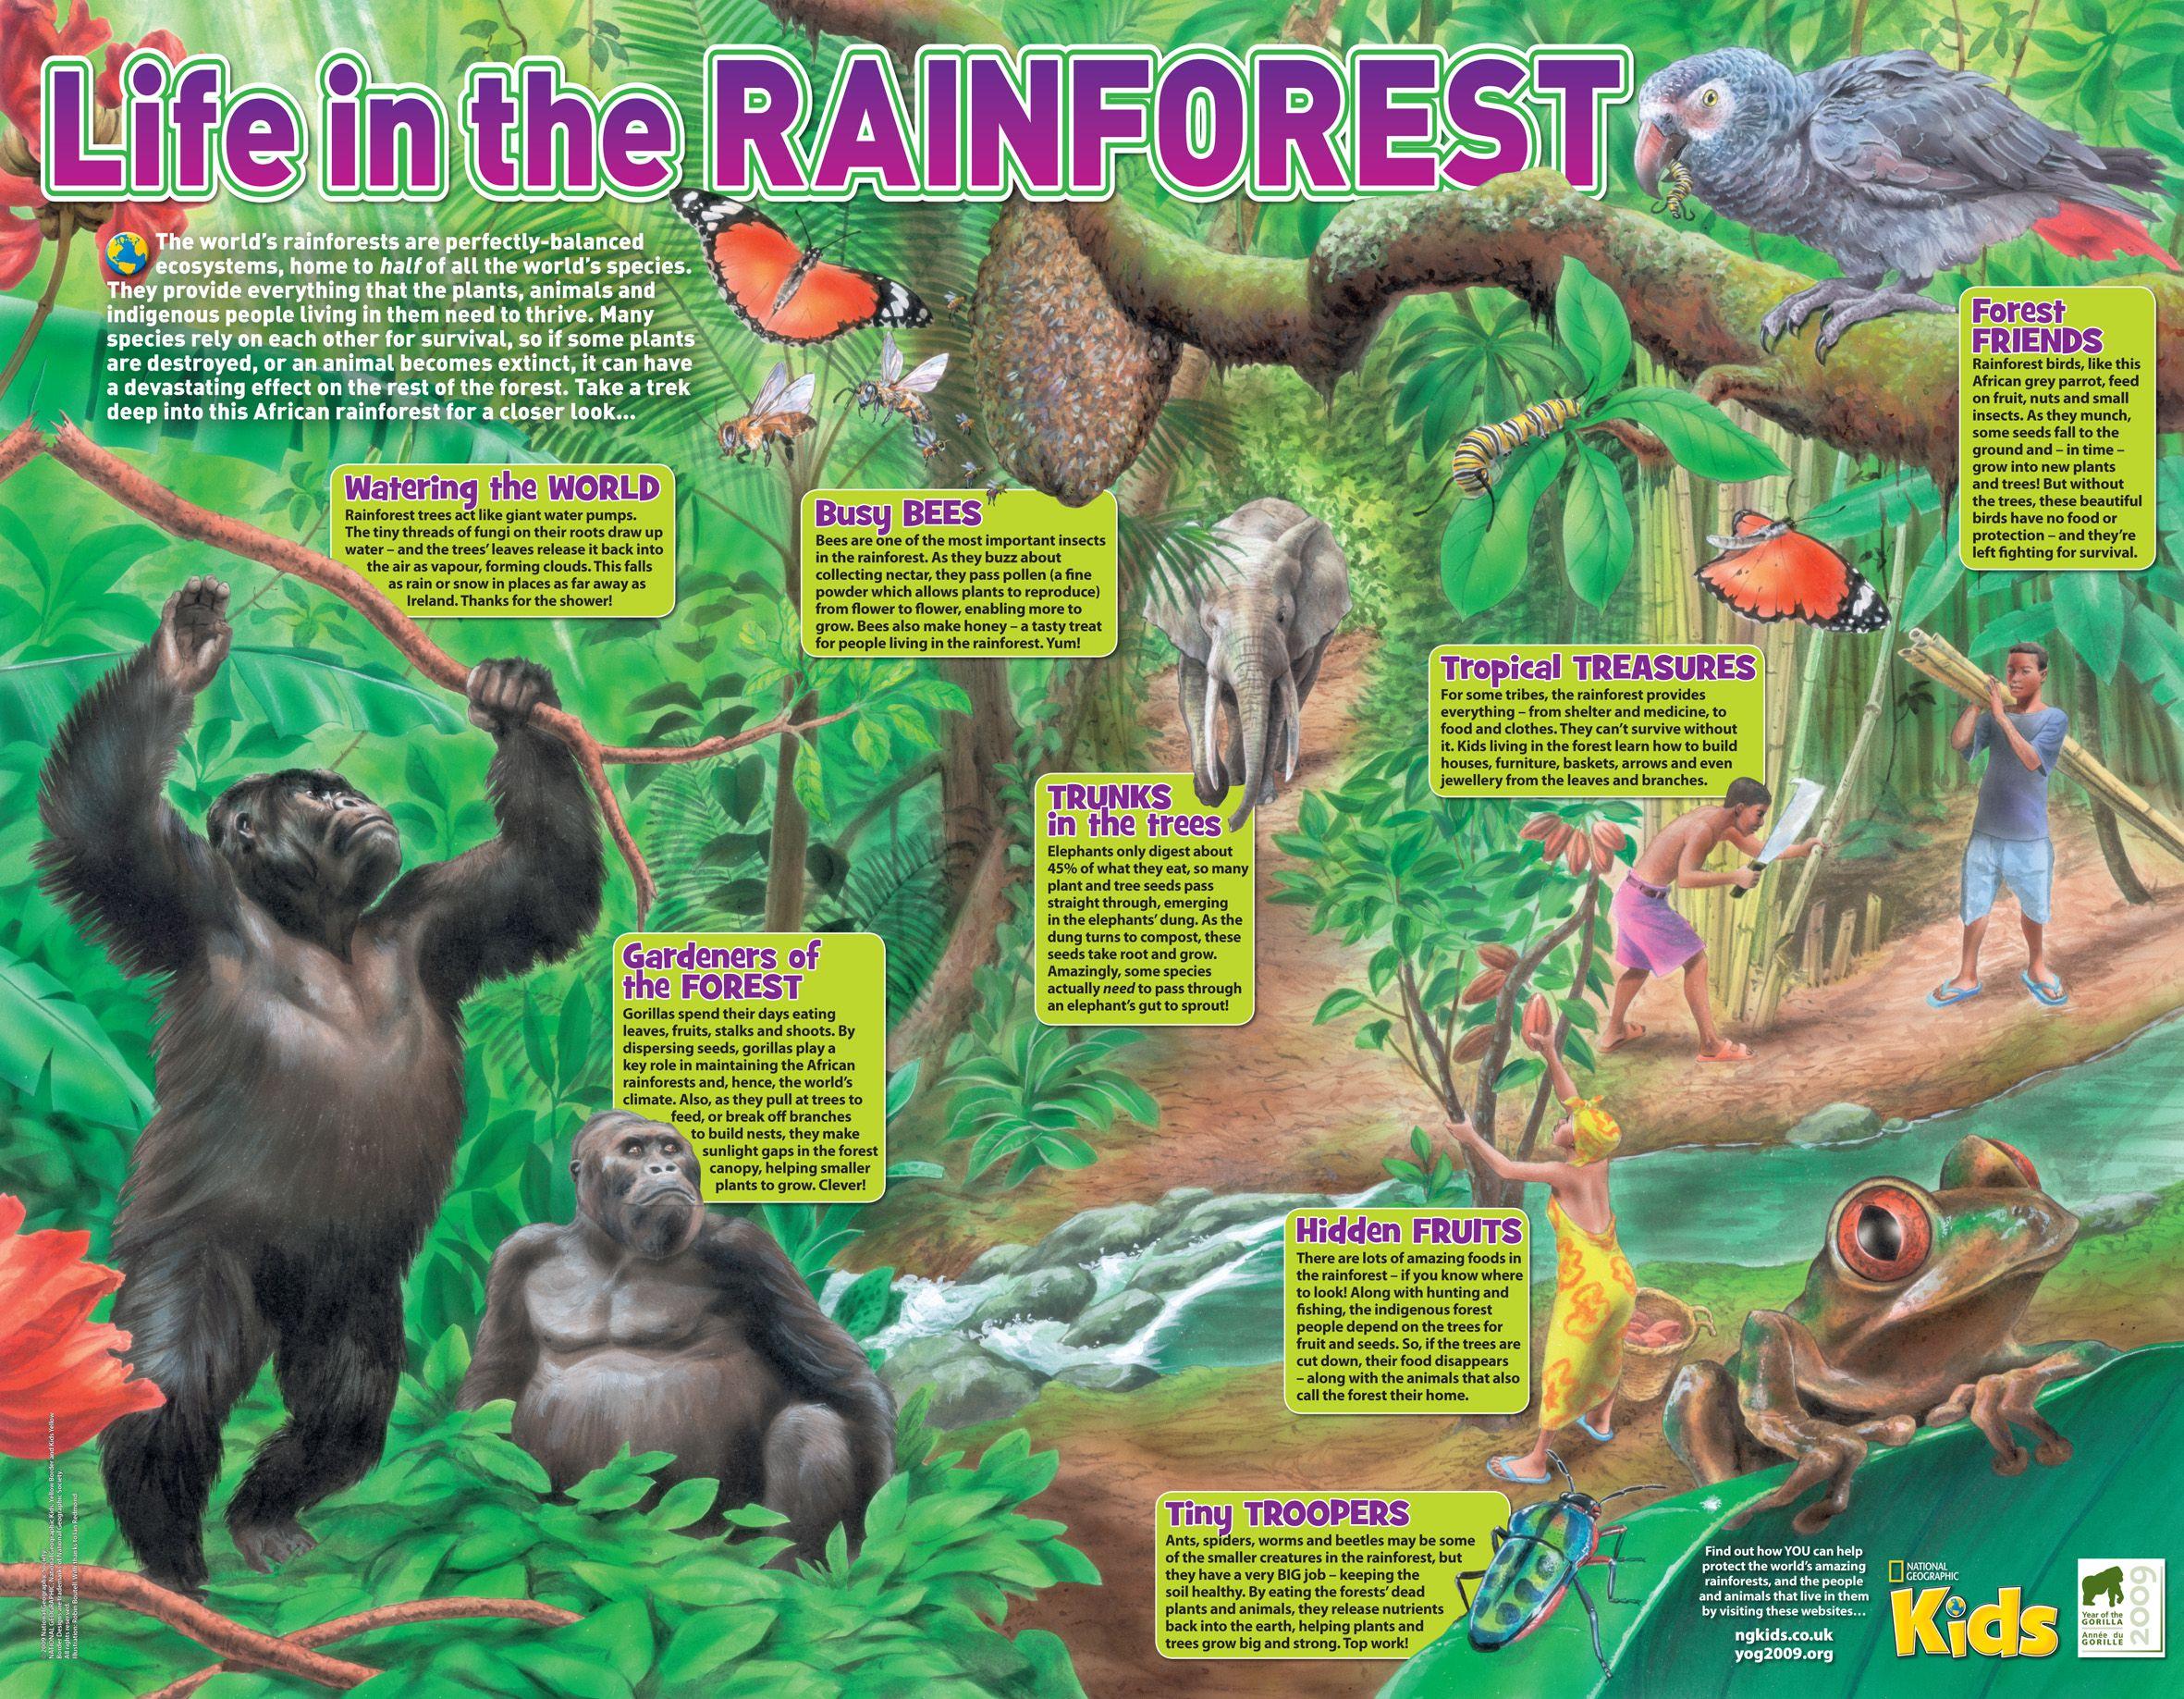 326 best images about Rainforest on Pinterest | Rainforest ...